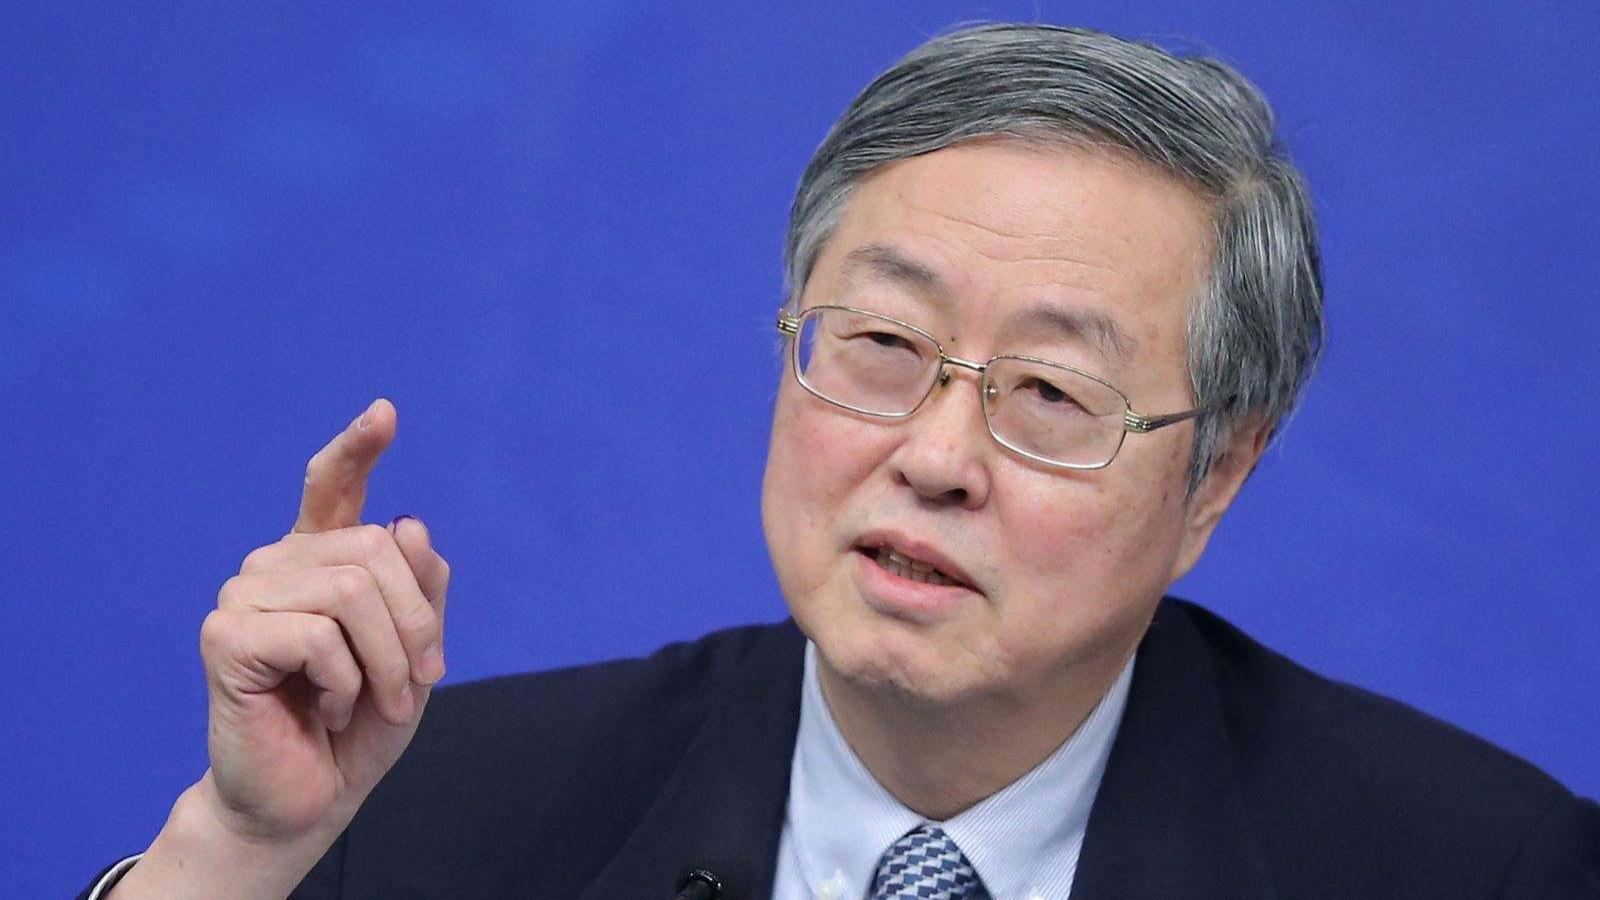 周小川:世界需要怎样的经济复苏?